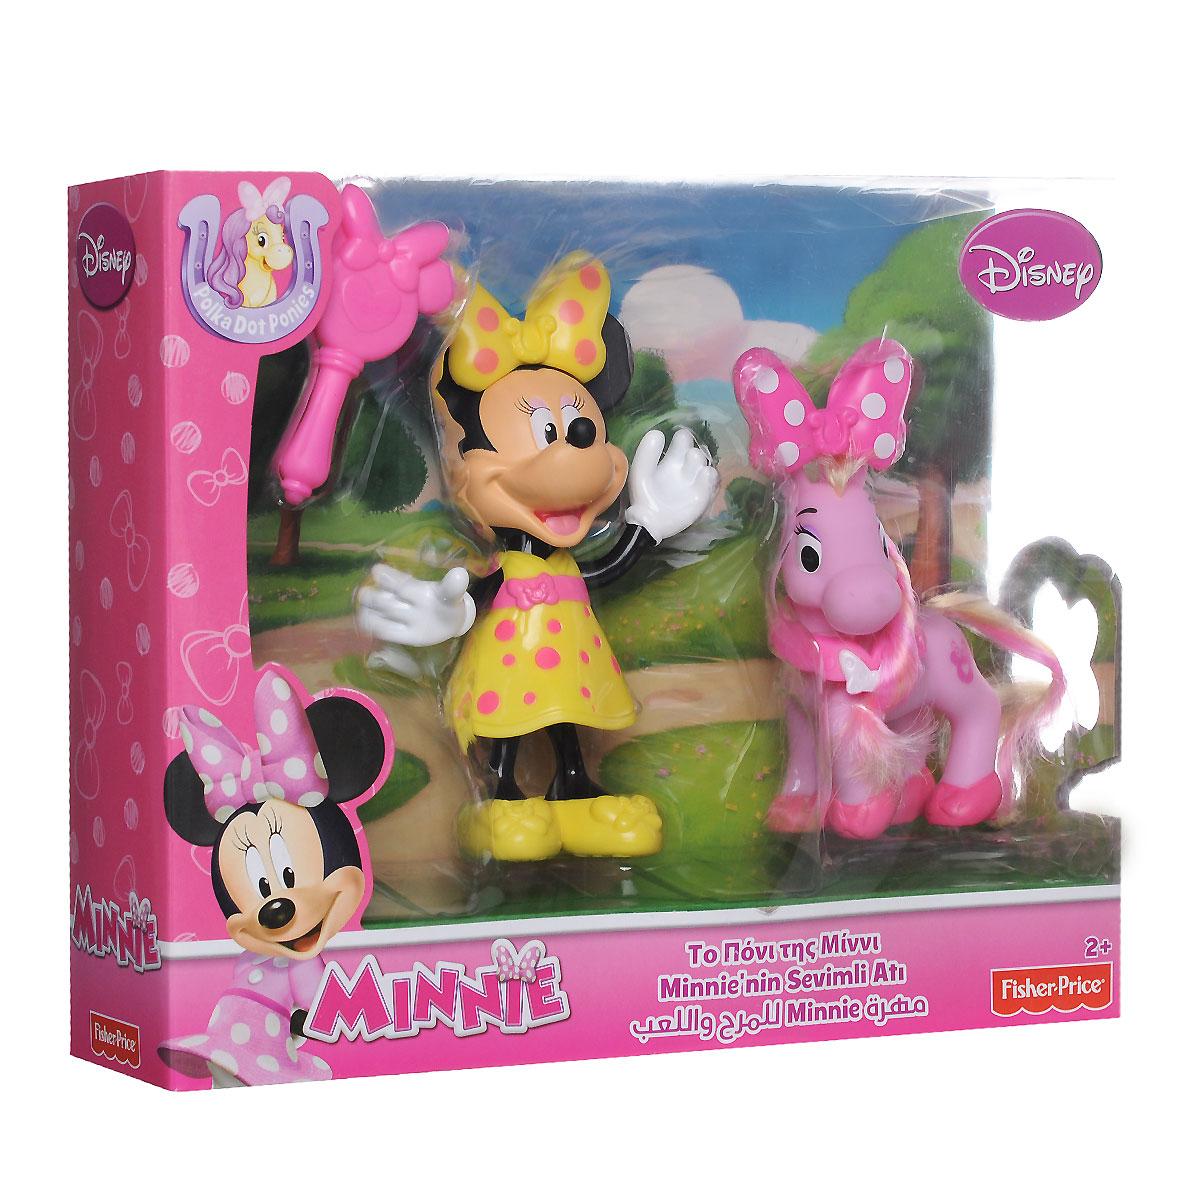 Minnie Mouse Игровой набор с мини-фигуркой Минни Маус с пони